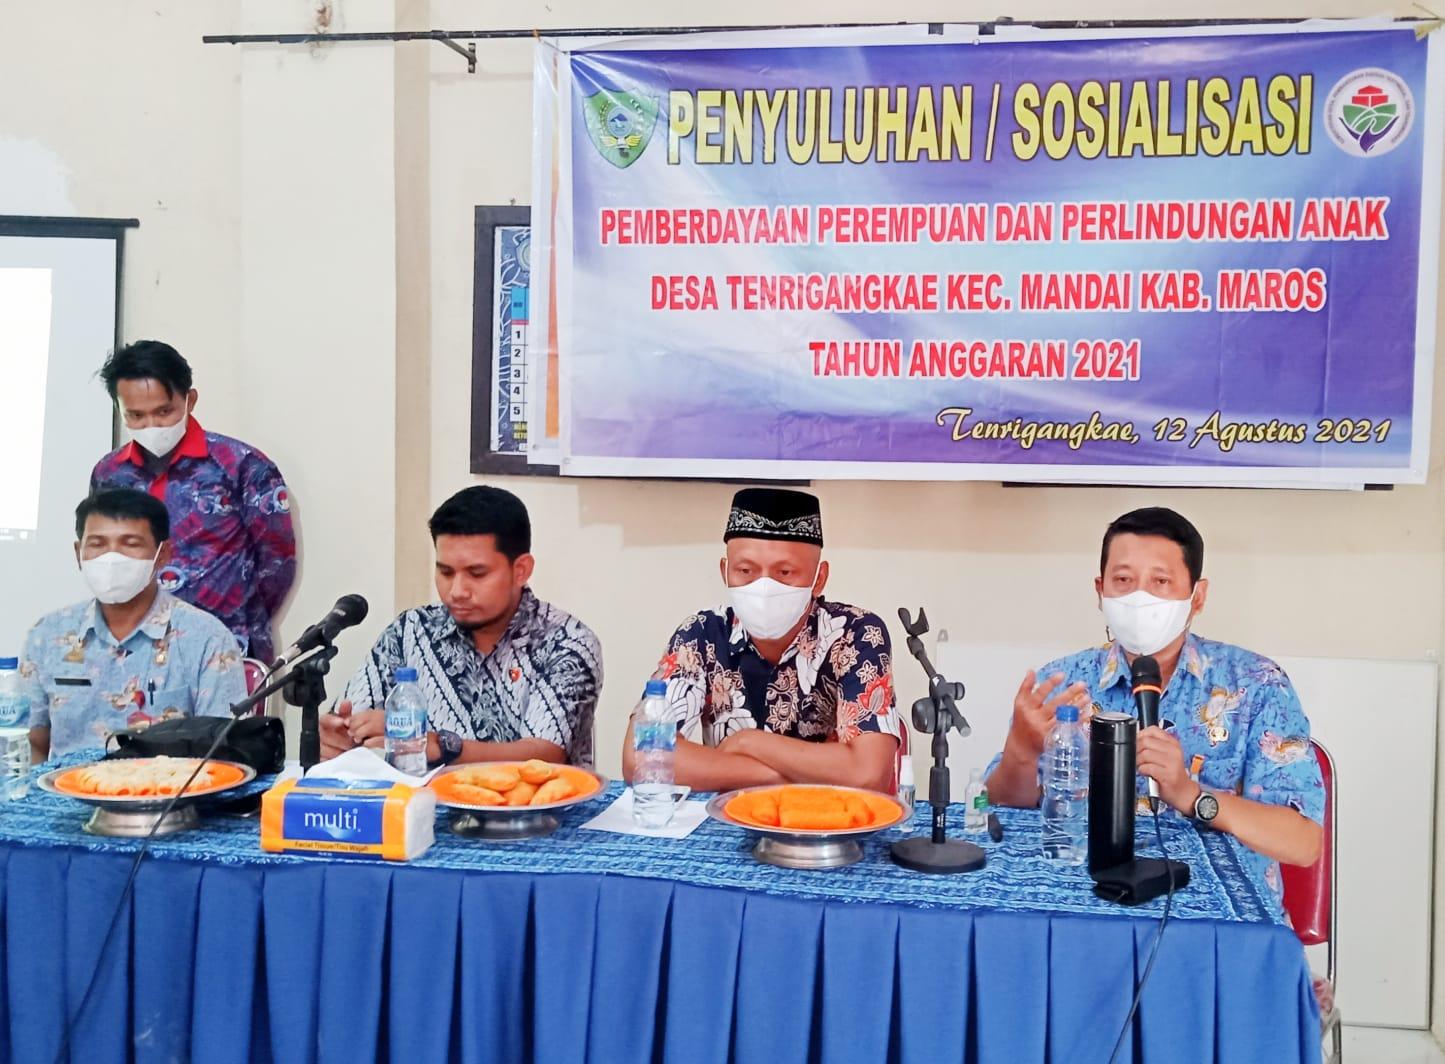 Dinas PPA Kabupaten Maros Penyuluhan Di Desa Tenrigangkae